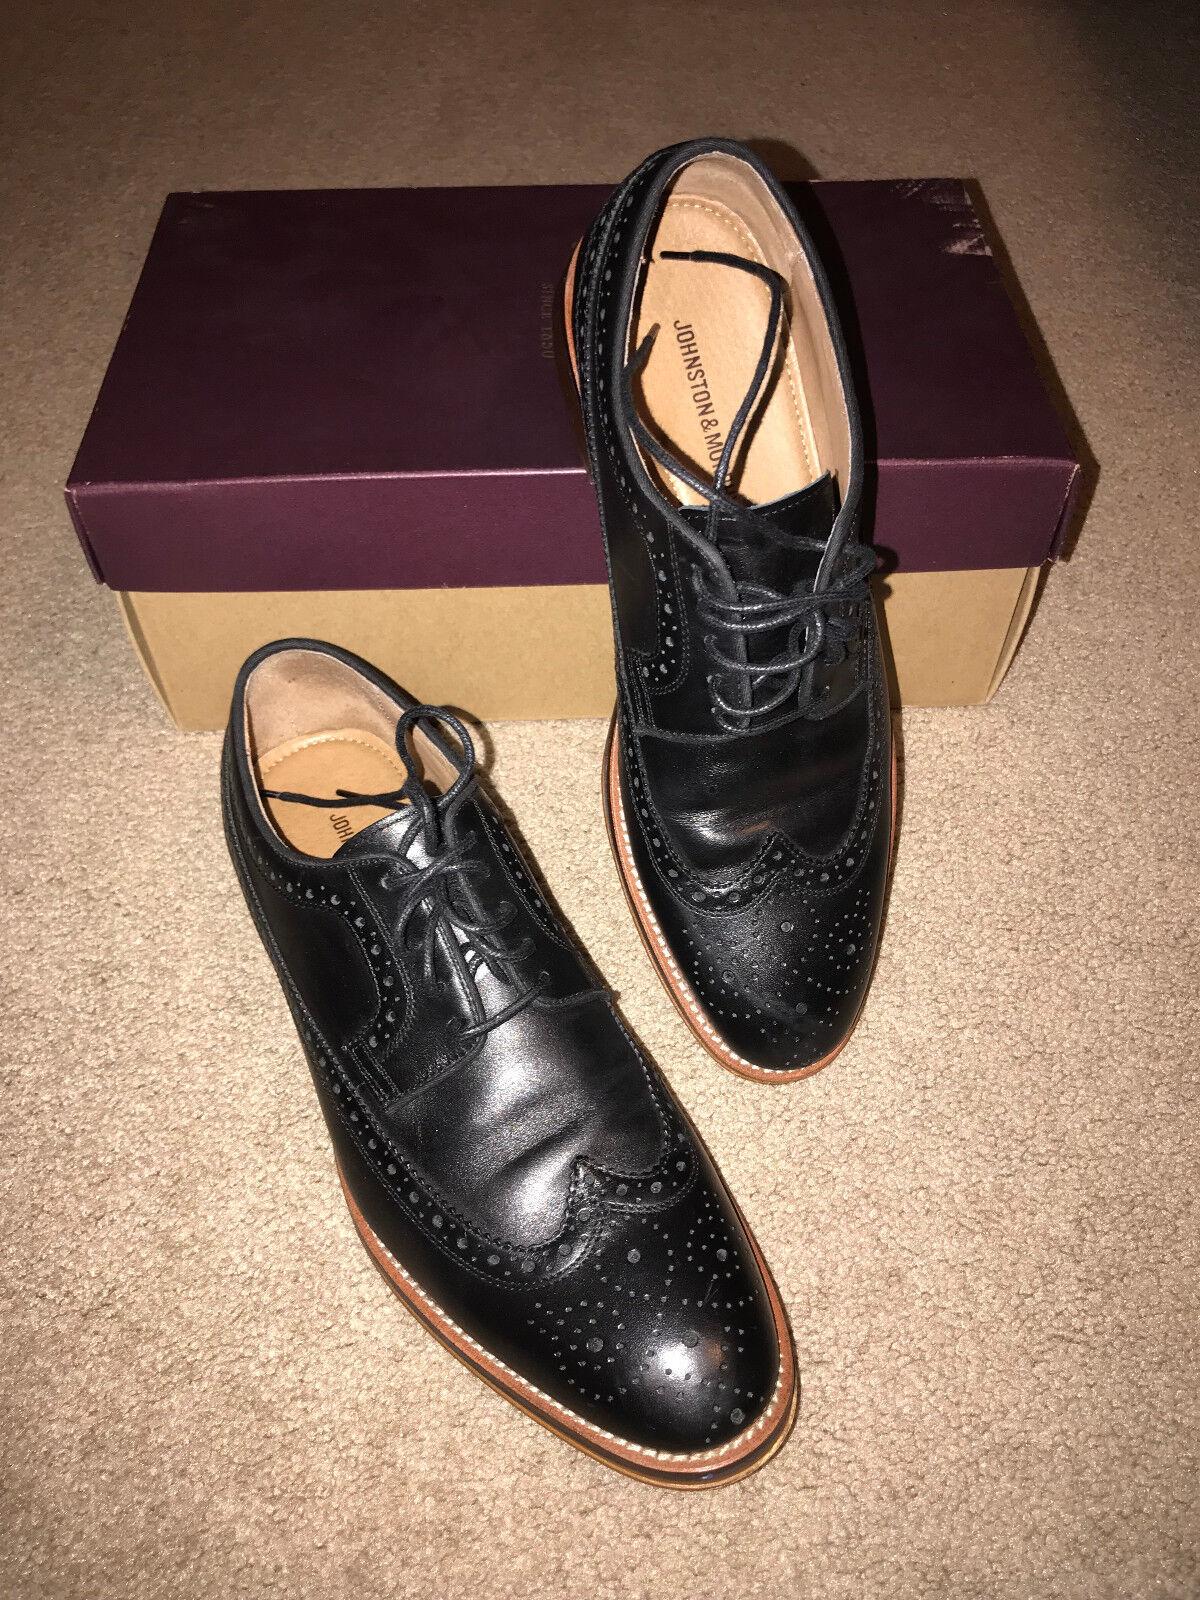 Johnston & Murphy Men's Conard Black Calfskin Wingtip shoes 8 1 2 M